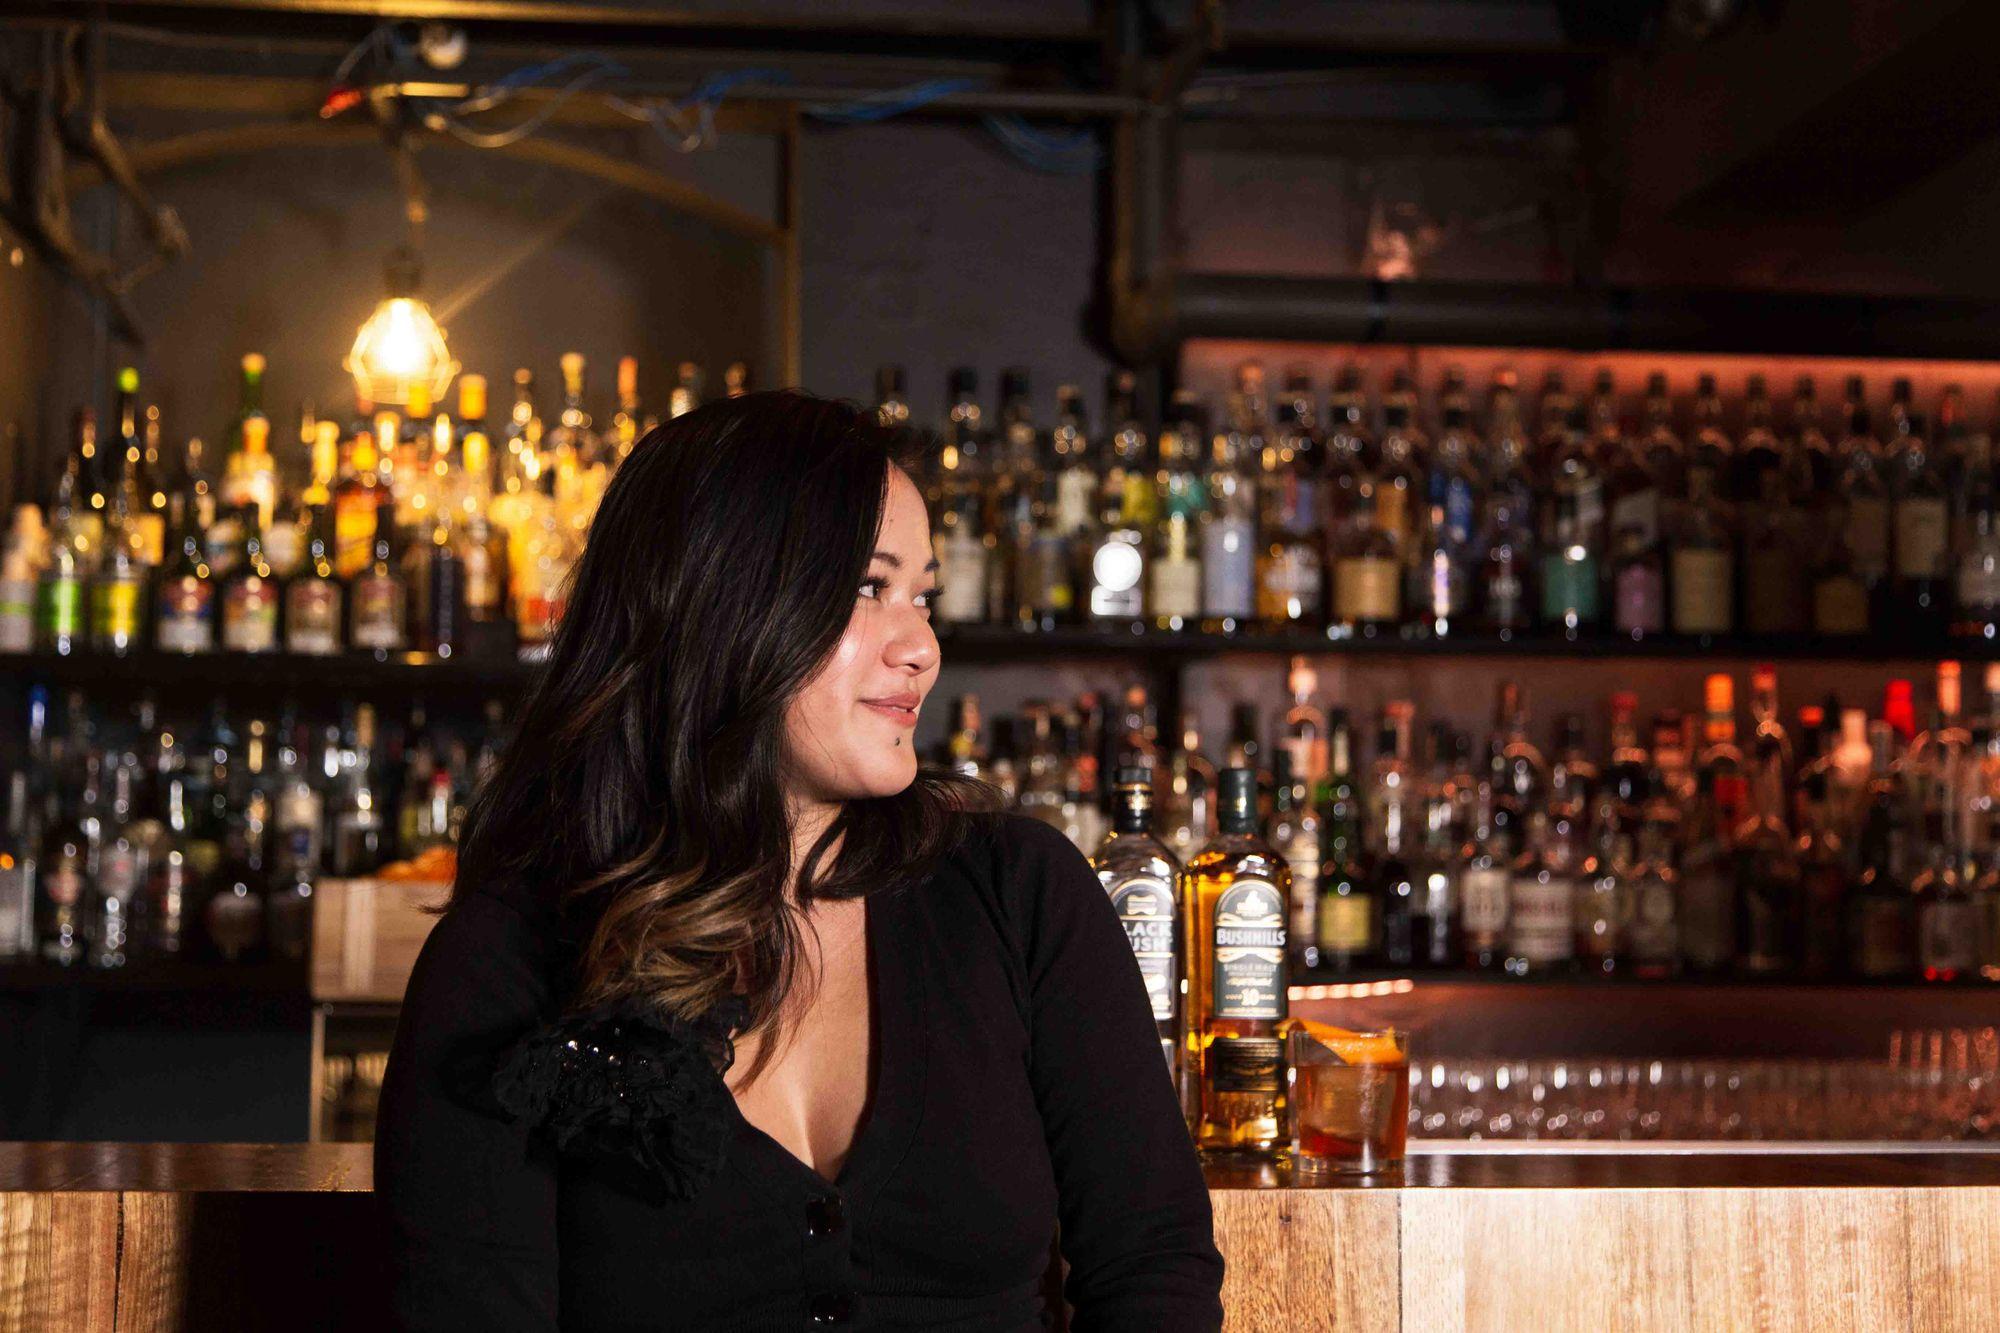 Chau Tran at Burrow Bar in Sydney. Photo: Boothby